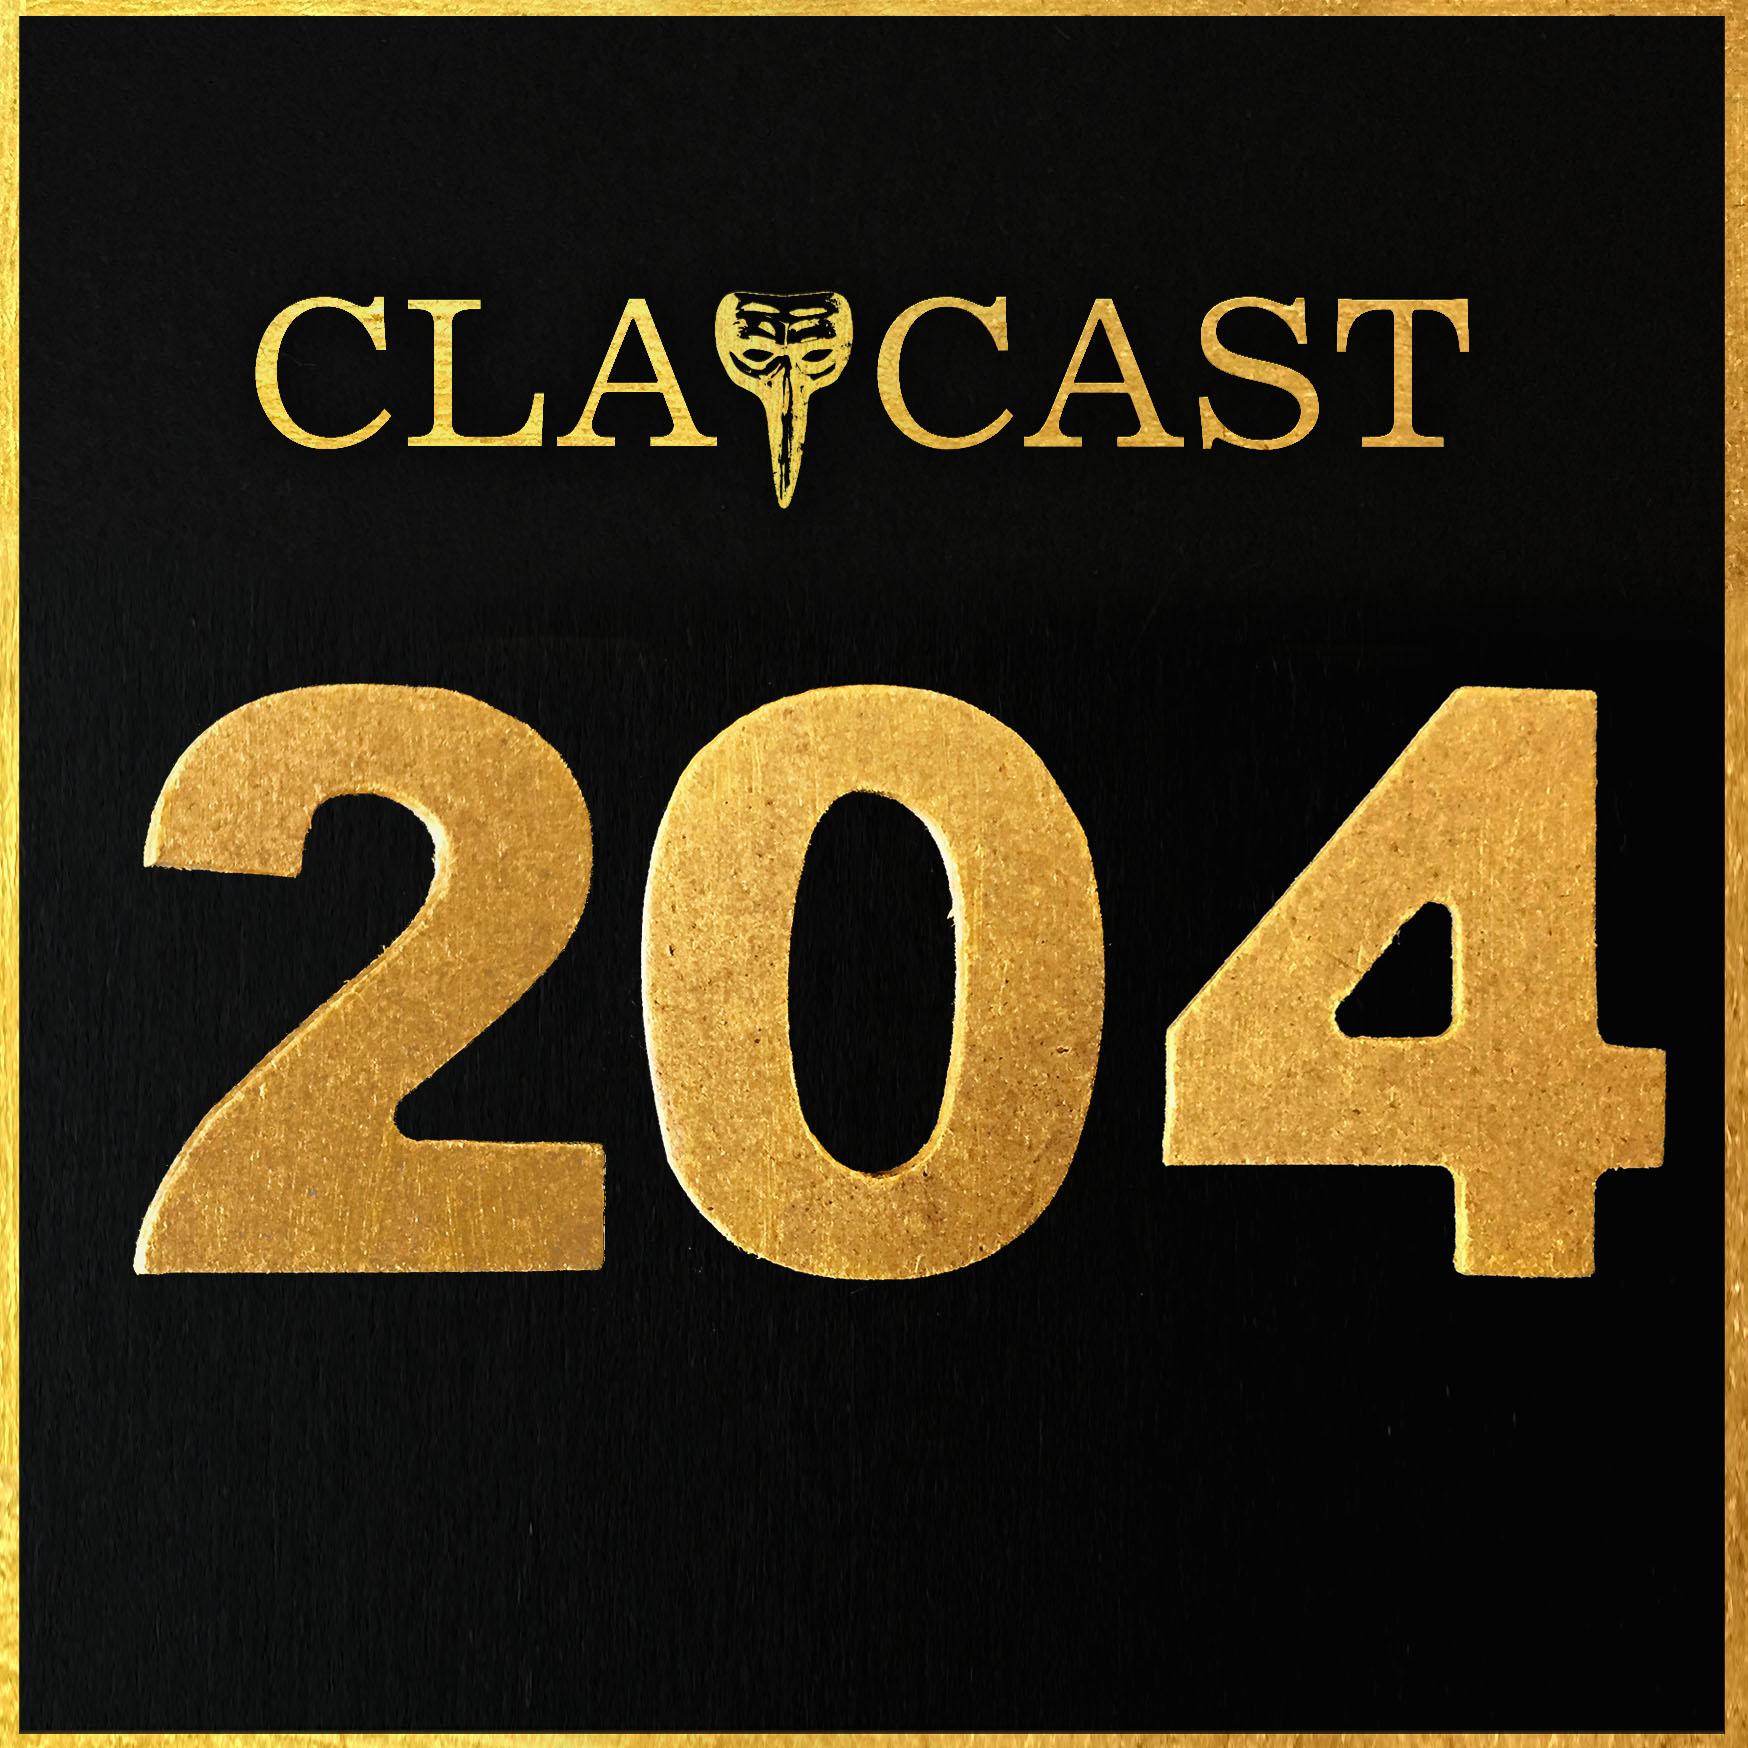 Clapcast 204